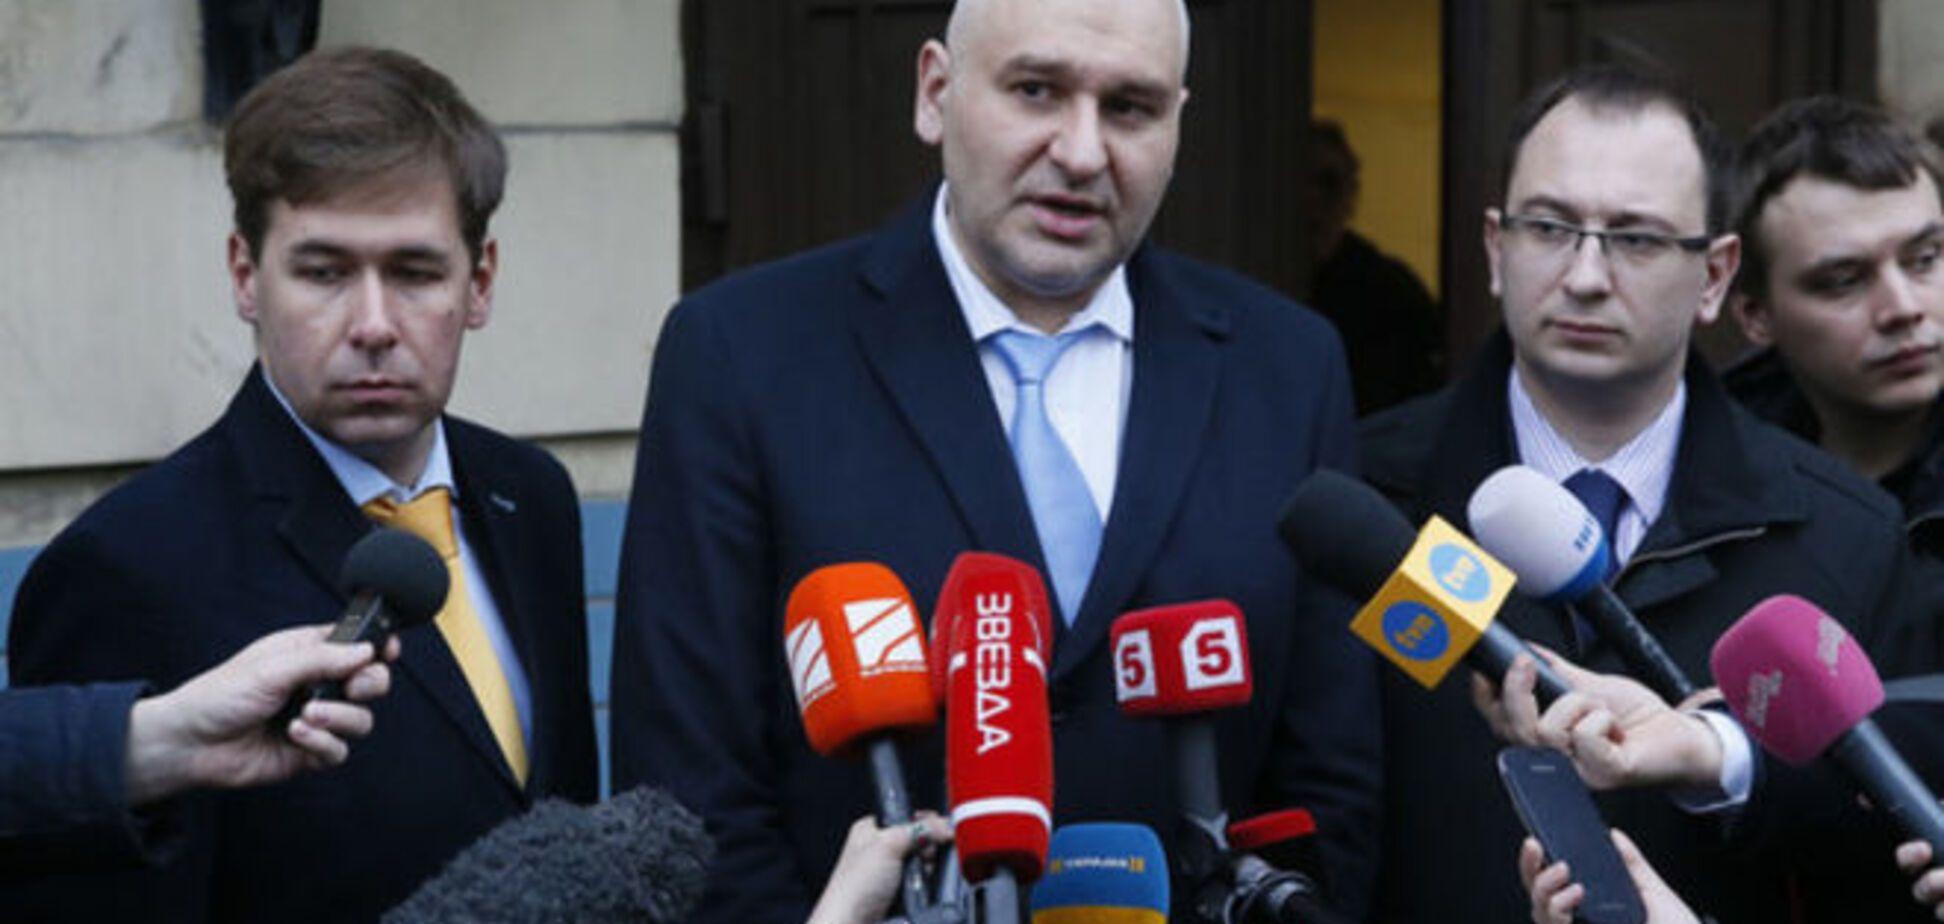 Адвокат каже, що затриманих ГРУшників використають для звільнення Савченко